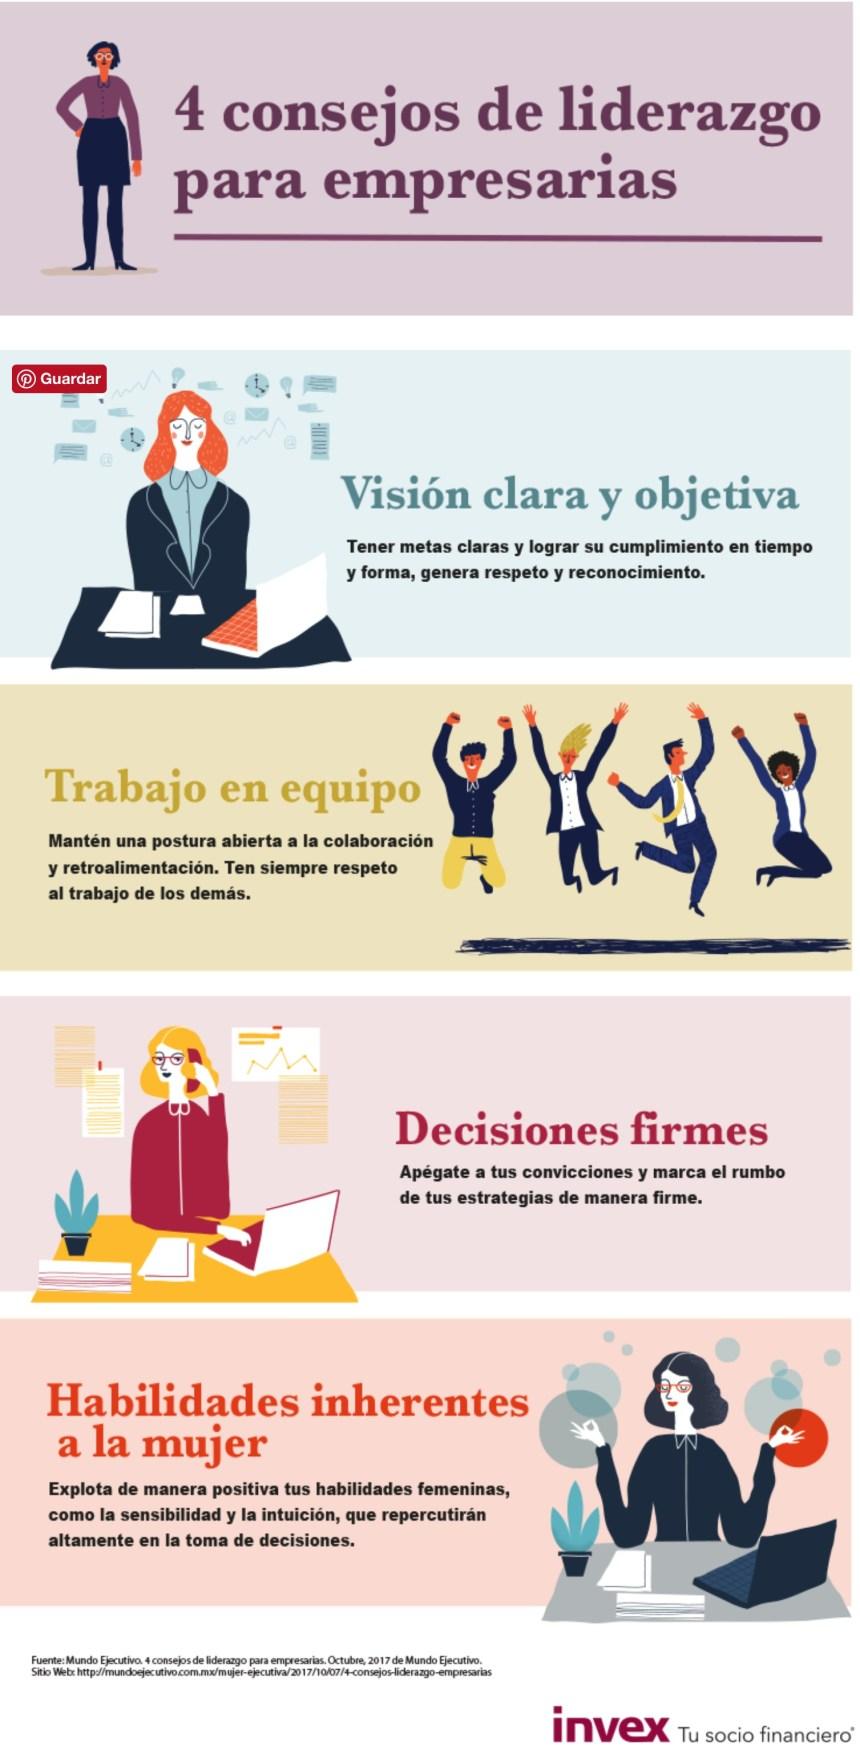 4 consejos de liderazgo para empresarias